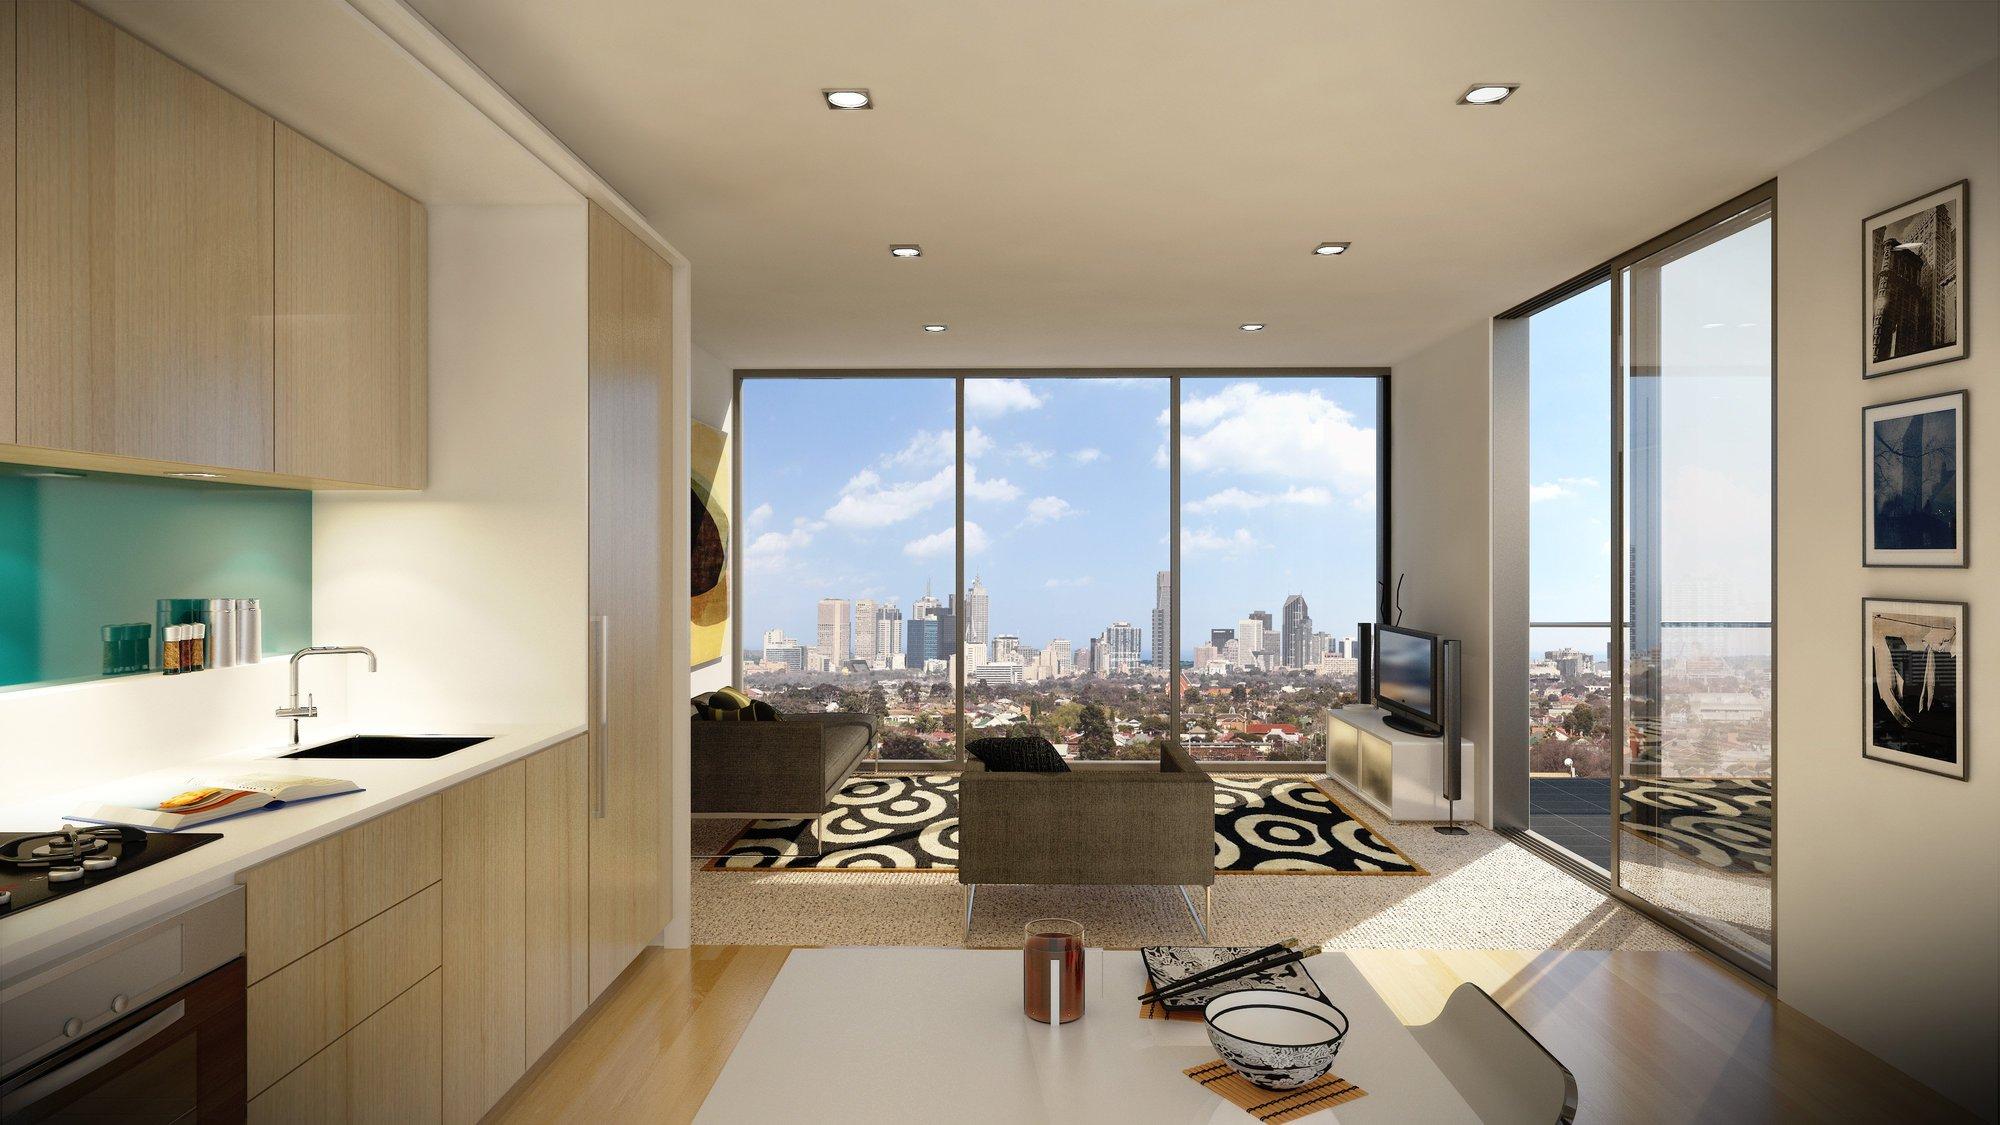 St James Place Apartments